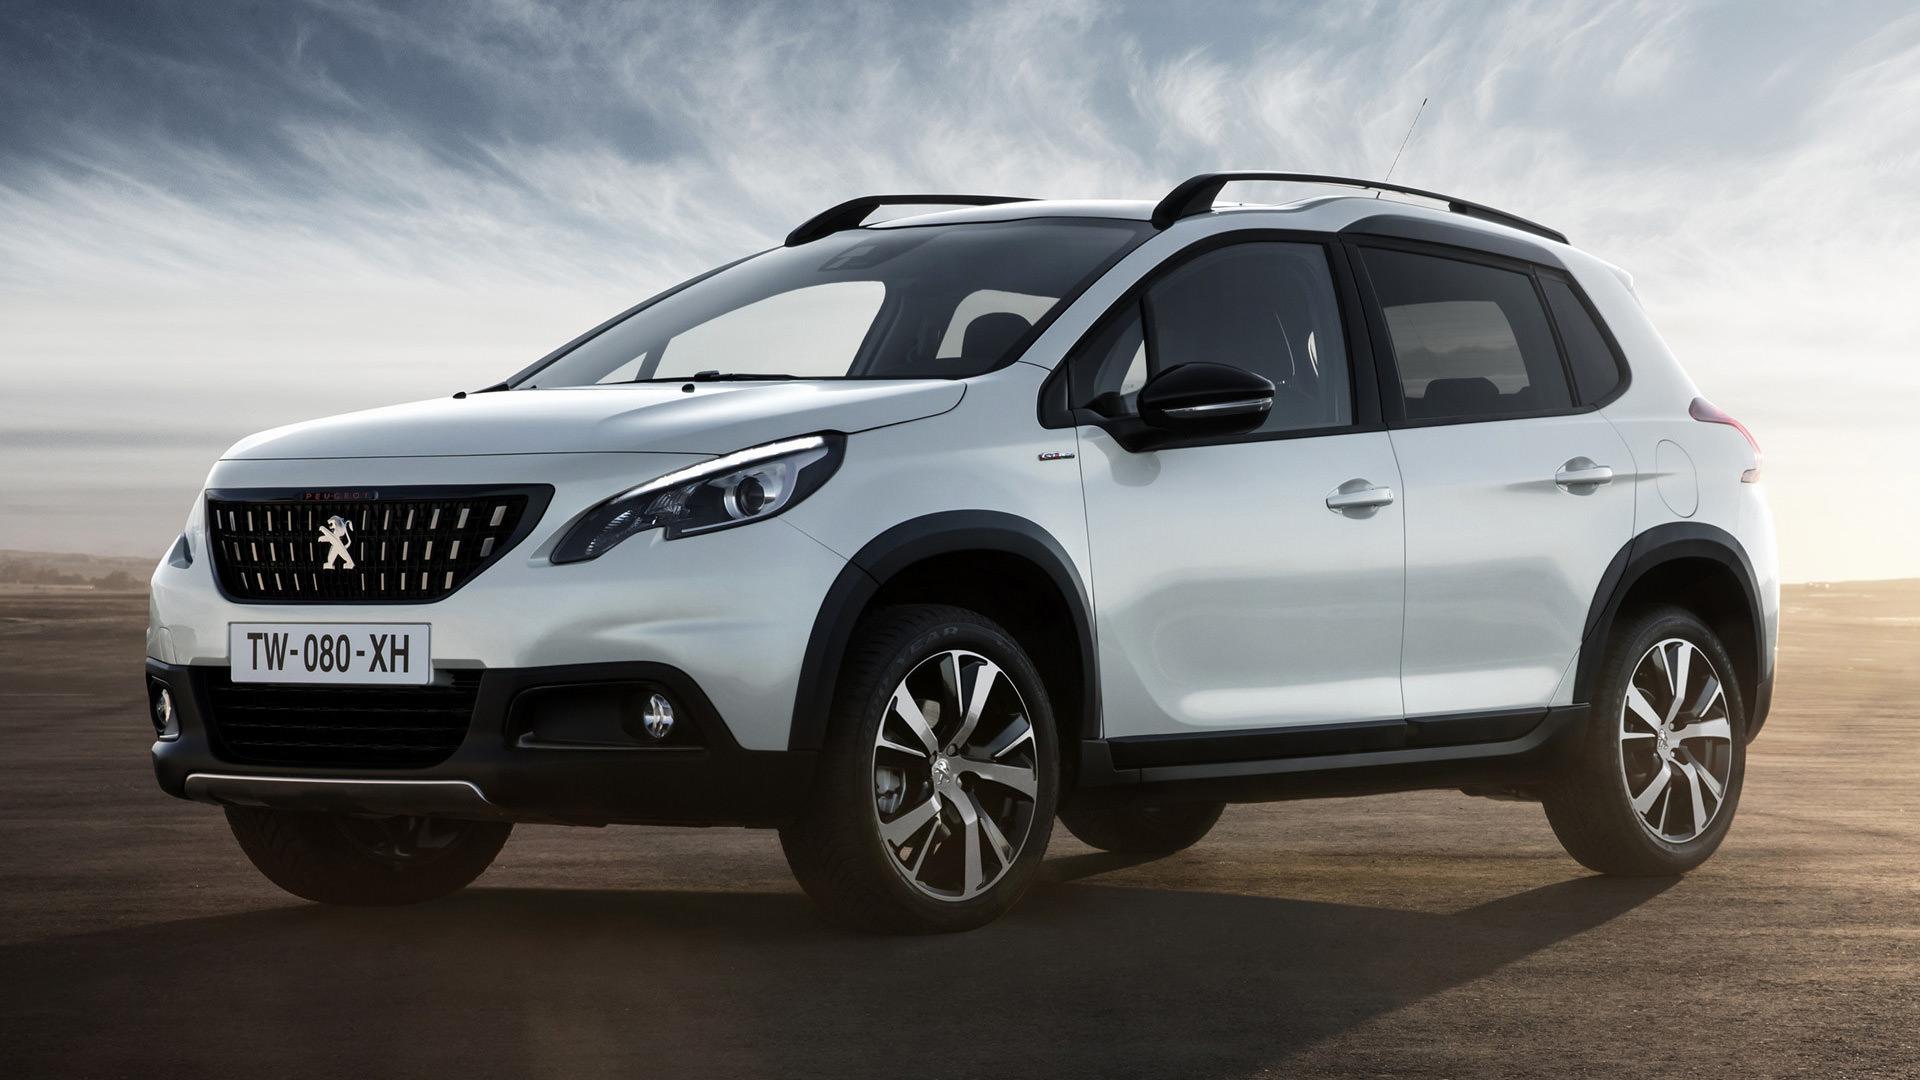 باشگاه خبرنگاران -مظنه قیمت محصولات Peugeot در بازار دبی